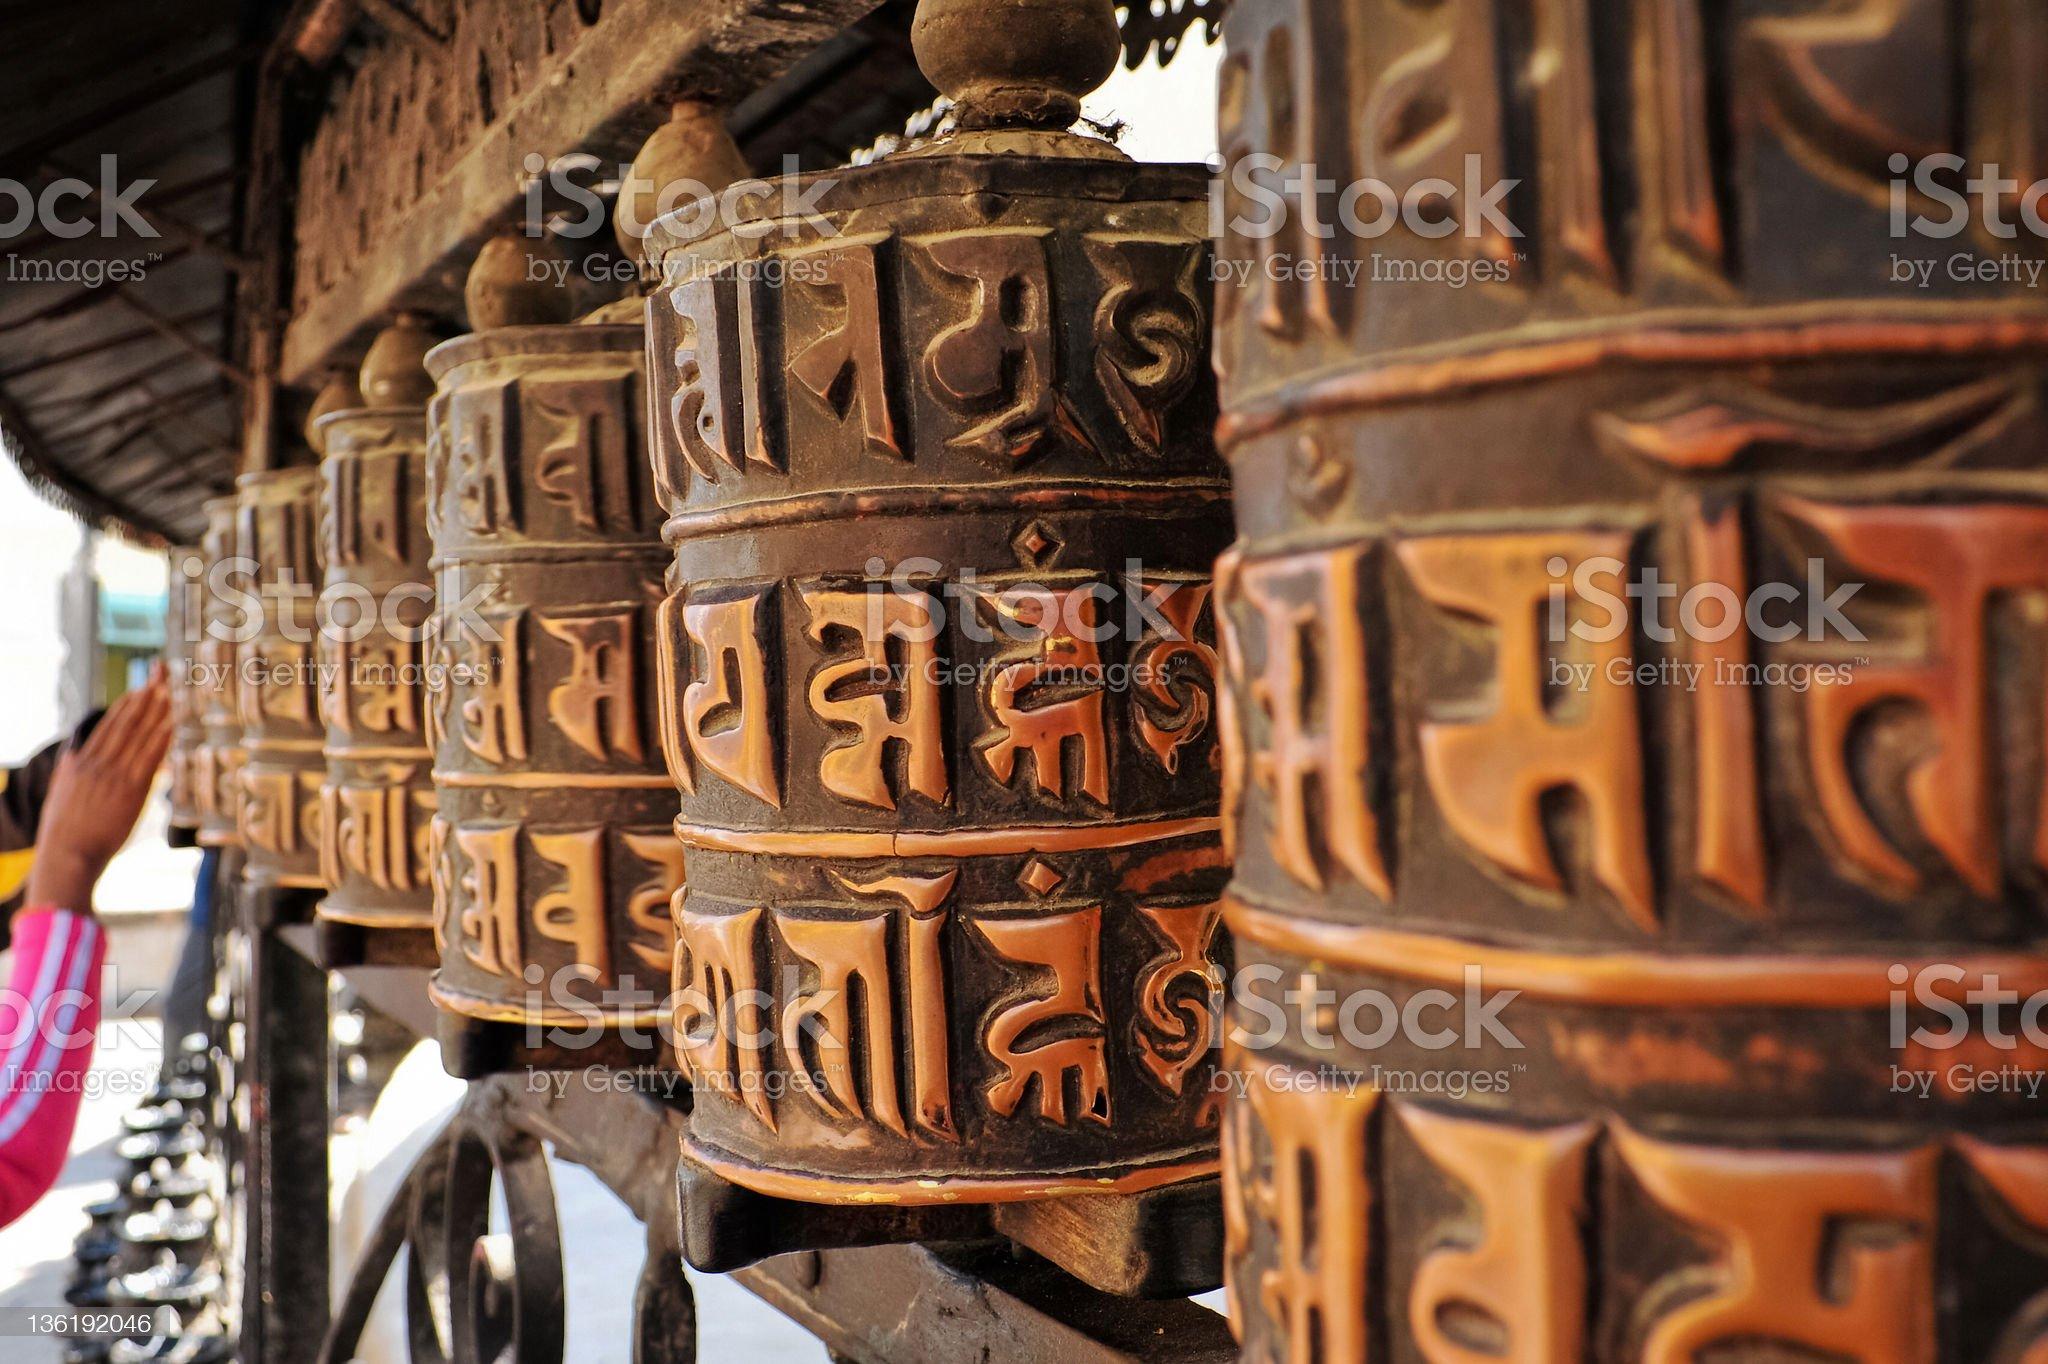 Om Mani Padme Hum praying wheels royalty-free stock photo